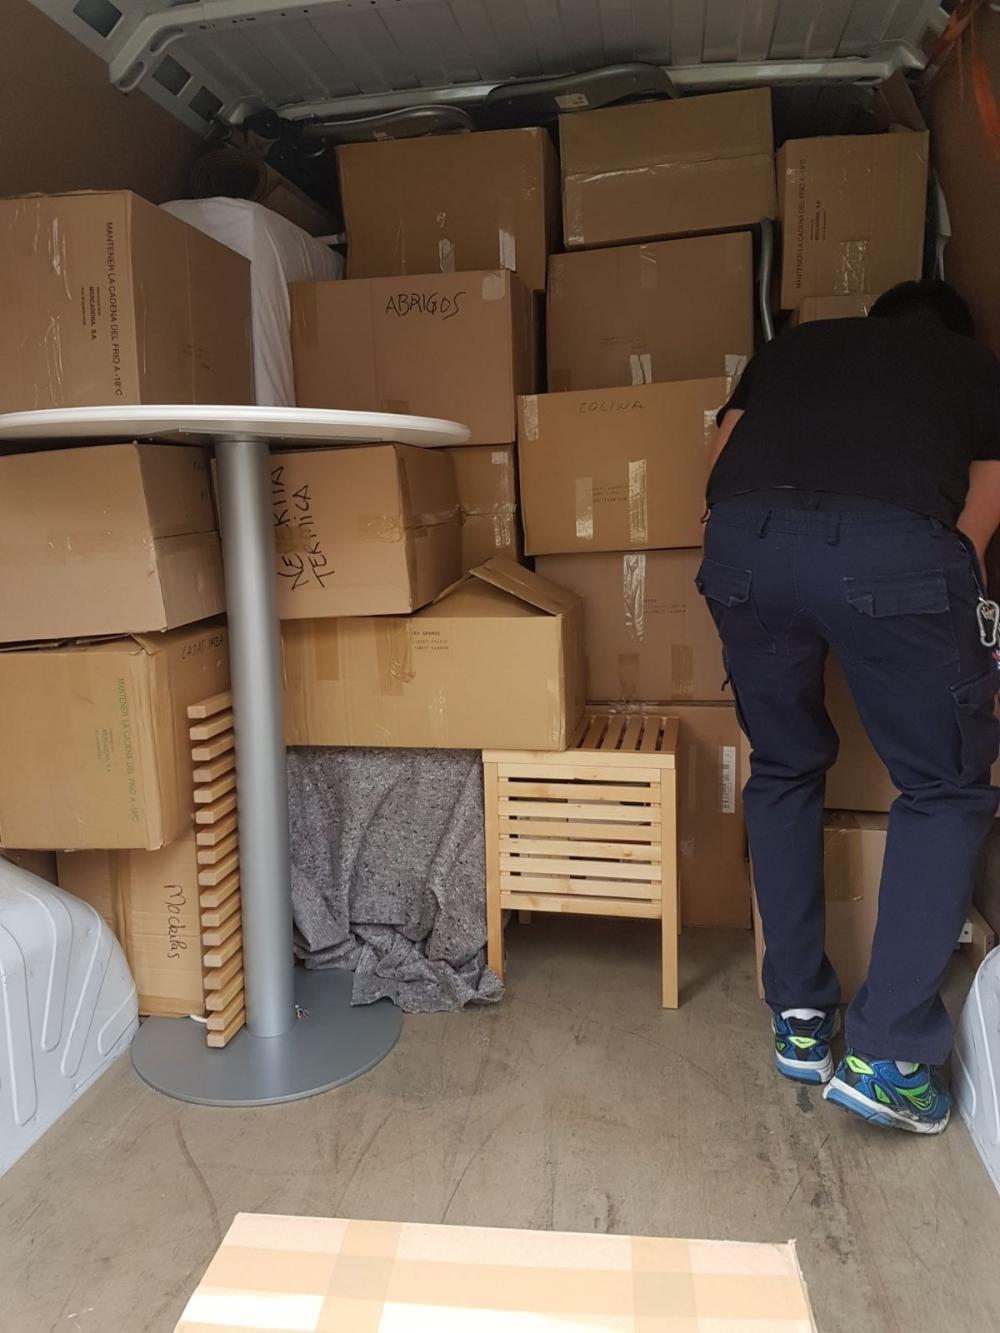 Mudanzas Jim Nez Empresa De Mudanzas Econ Micas En Pozuelo  # Muebles Pozuelo